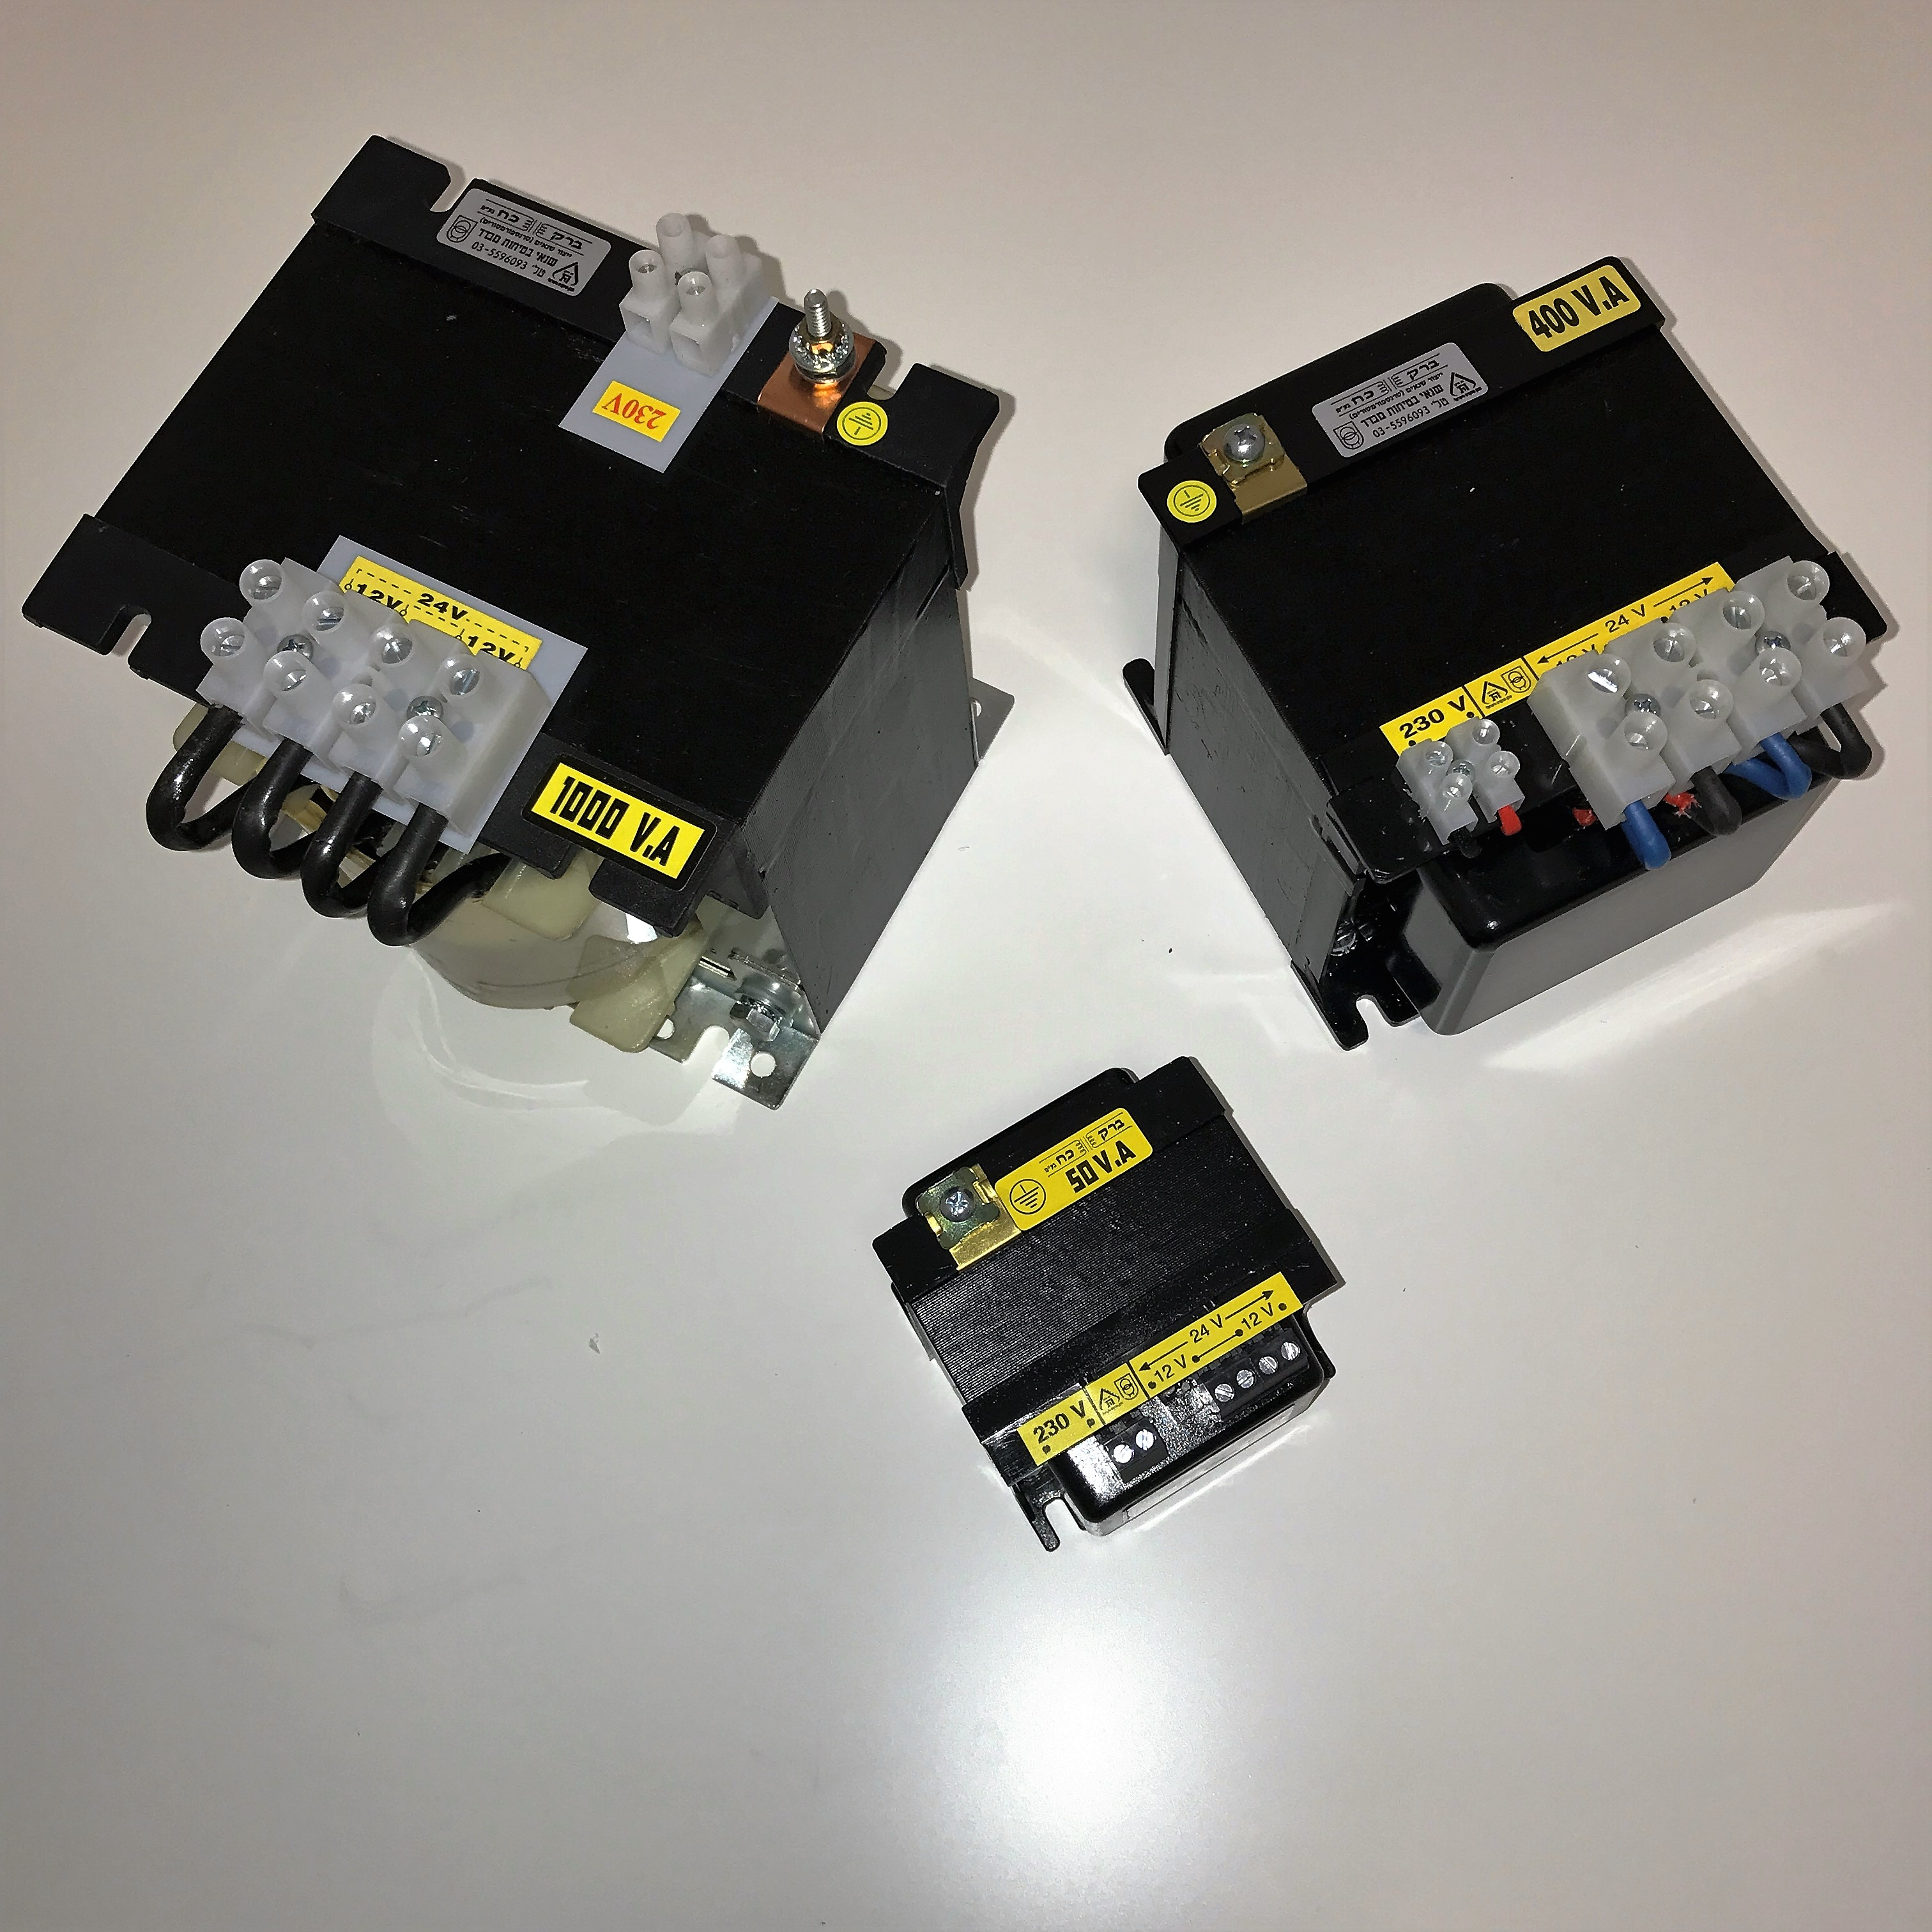 שנאי מבדל בהספק 1000VA במתחים 230V12V